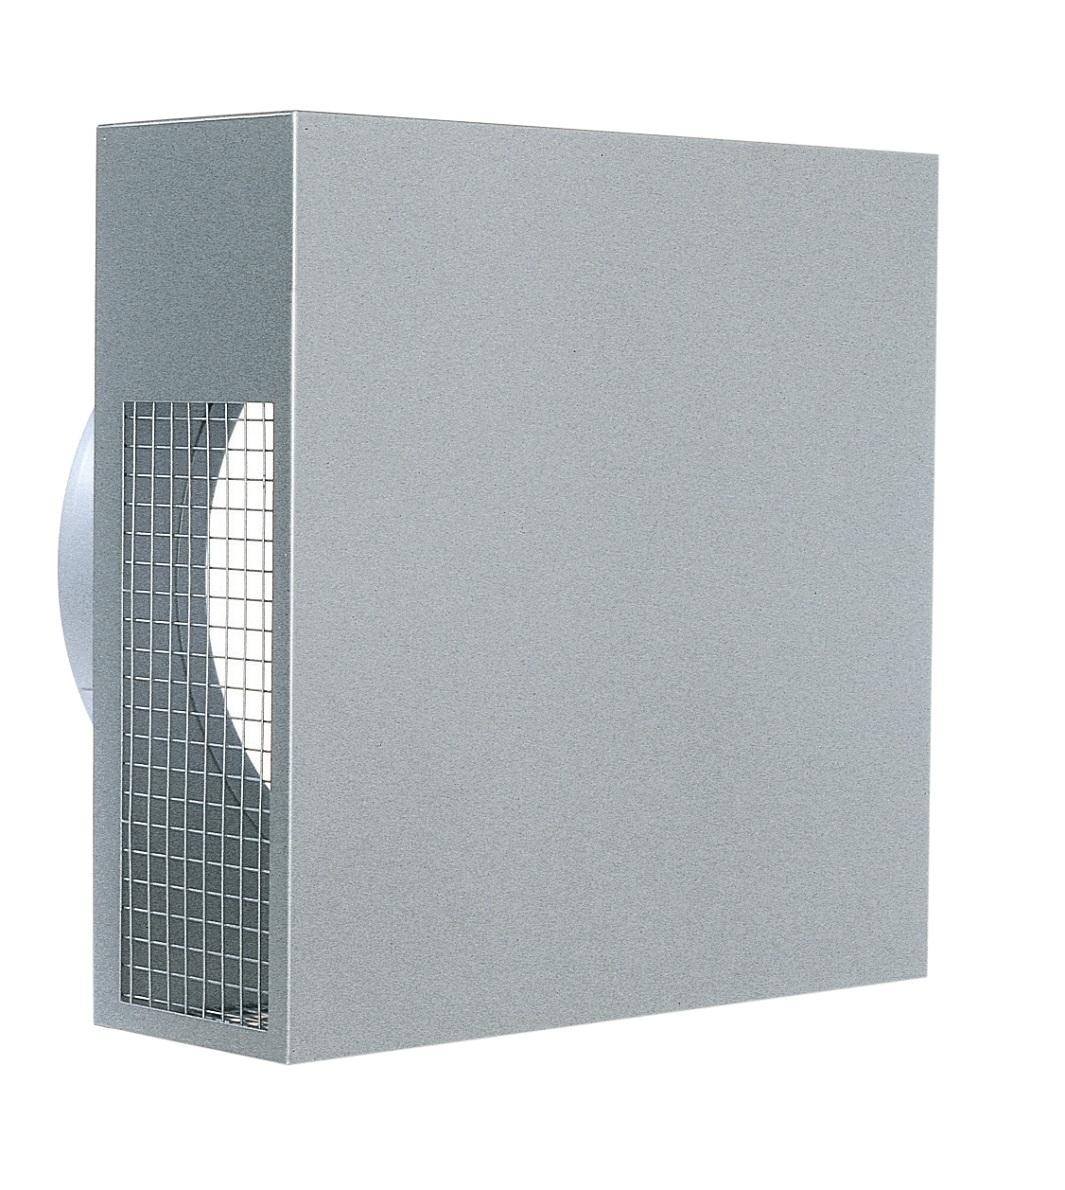 西邦工業 SEIHO KKN175SBL BL・外壁用ステンレス換気口(パイプフード) 金網型4メッシュ